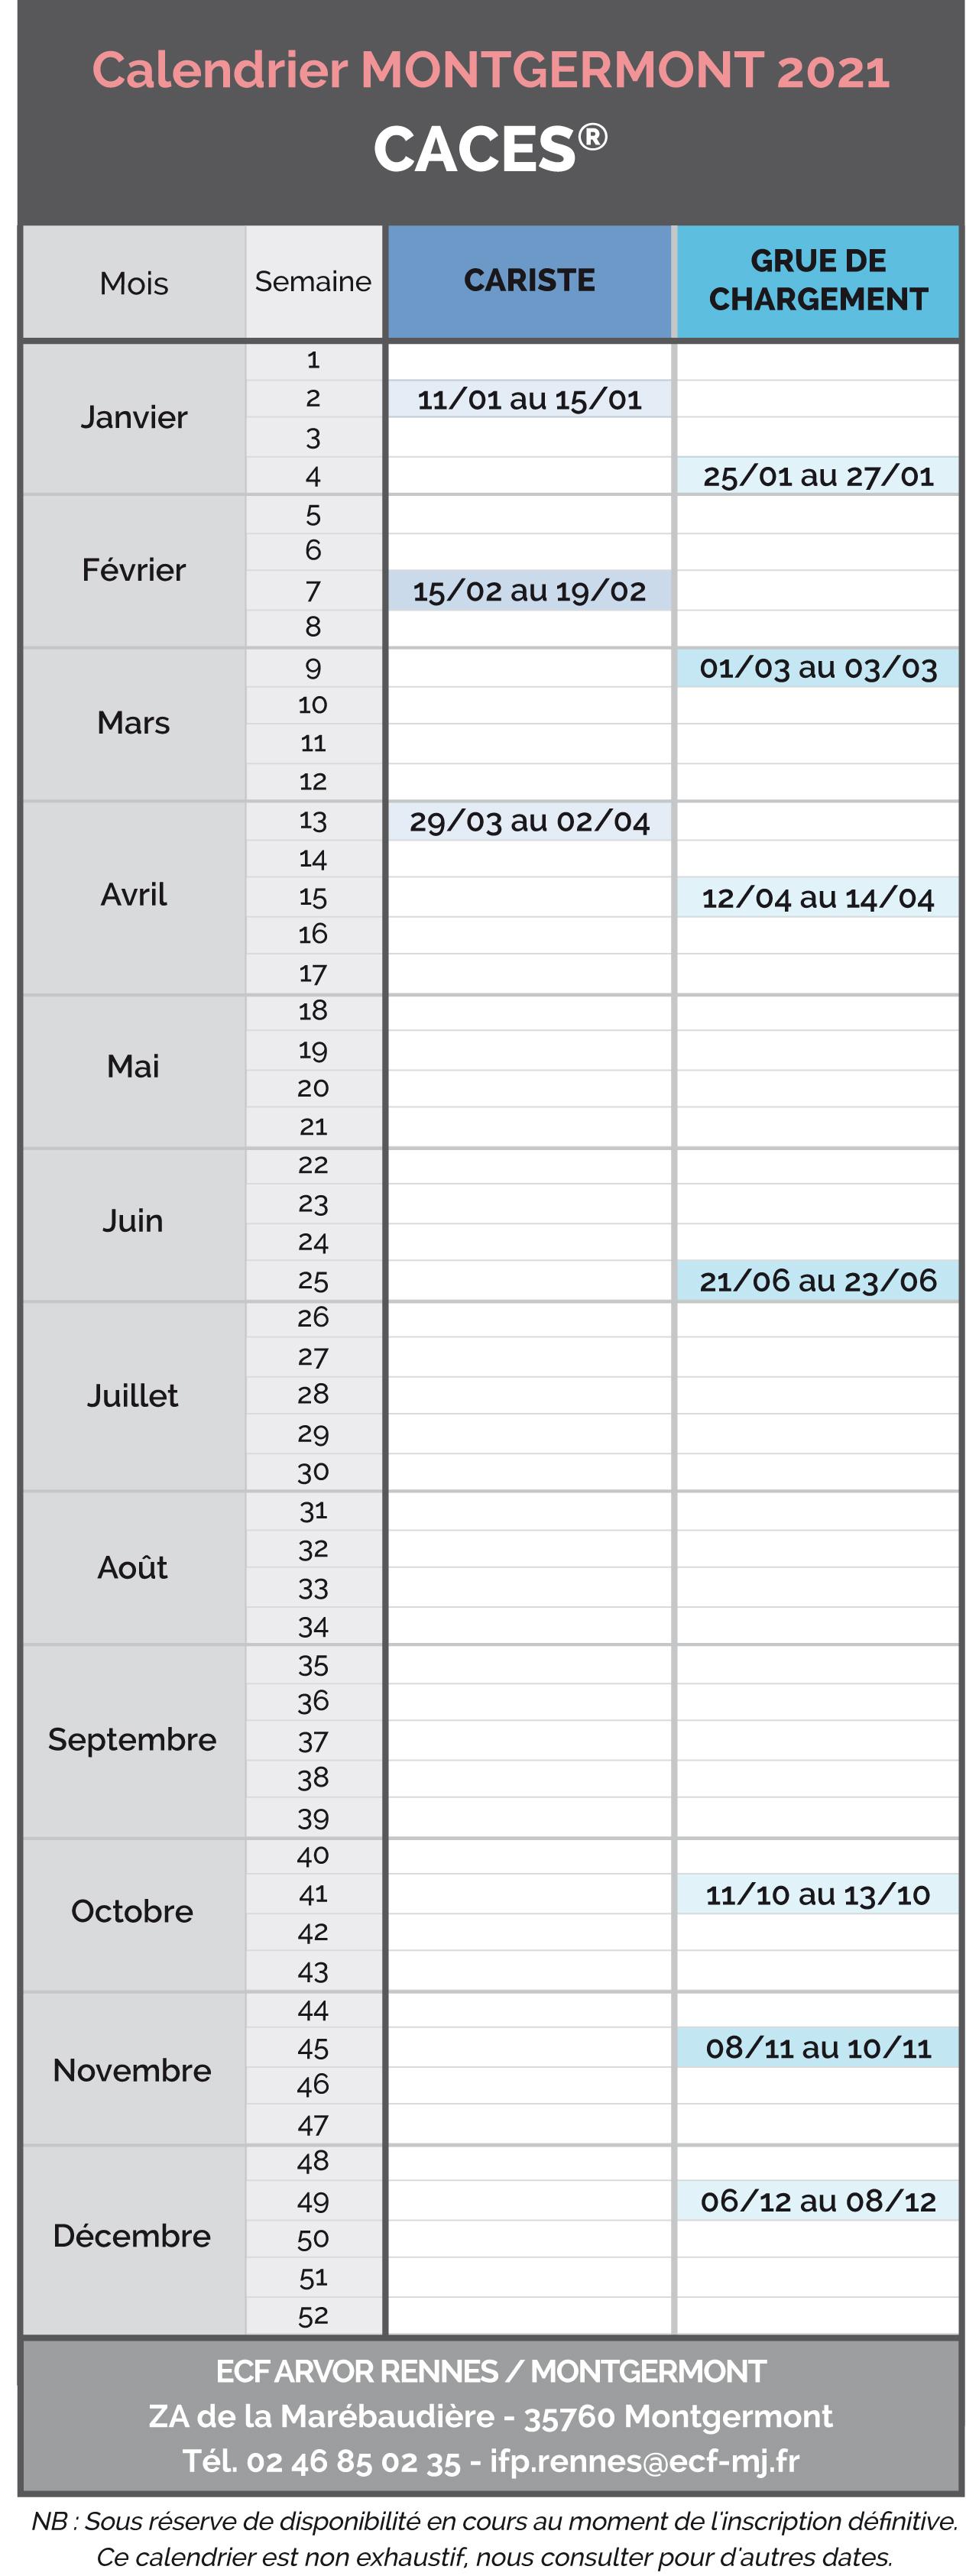 Calendrier 2021 Montgermont - Caces